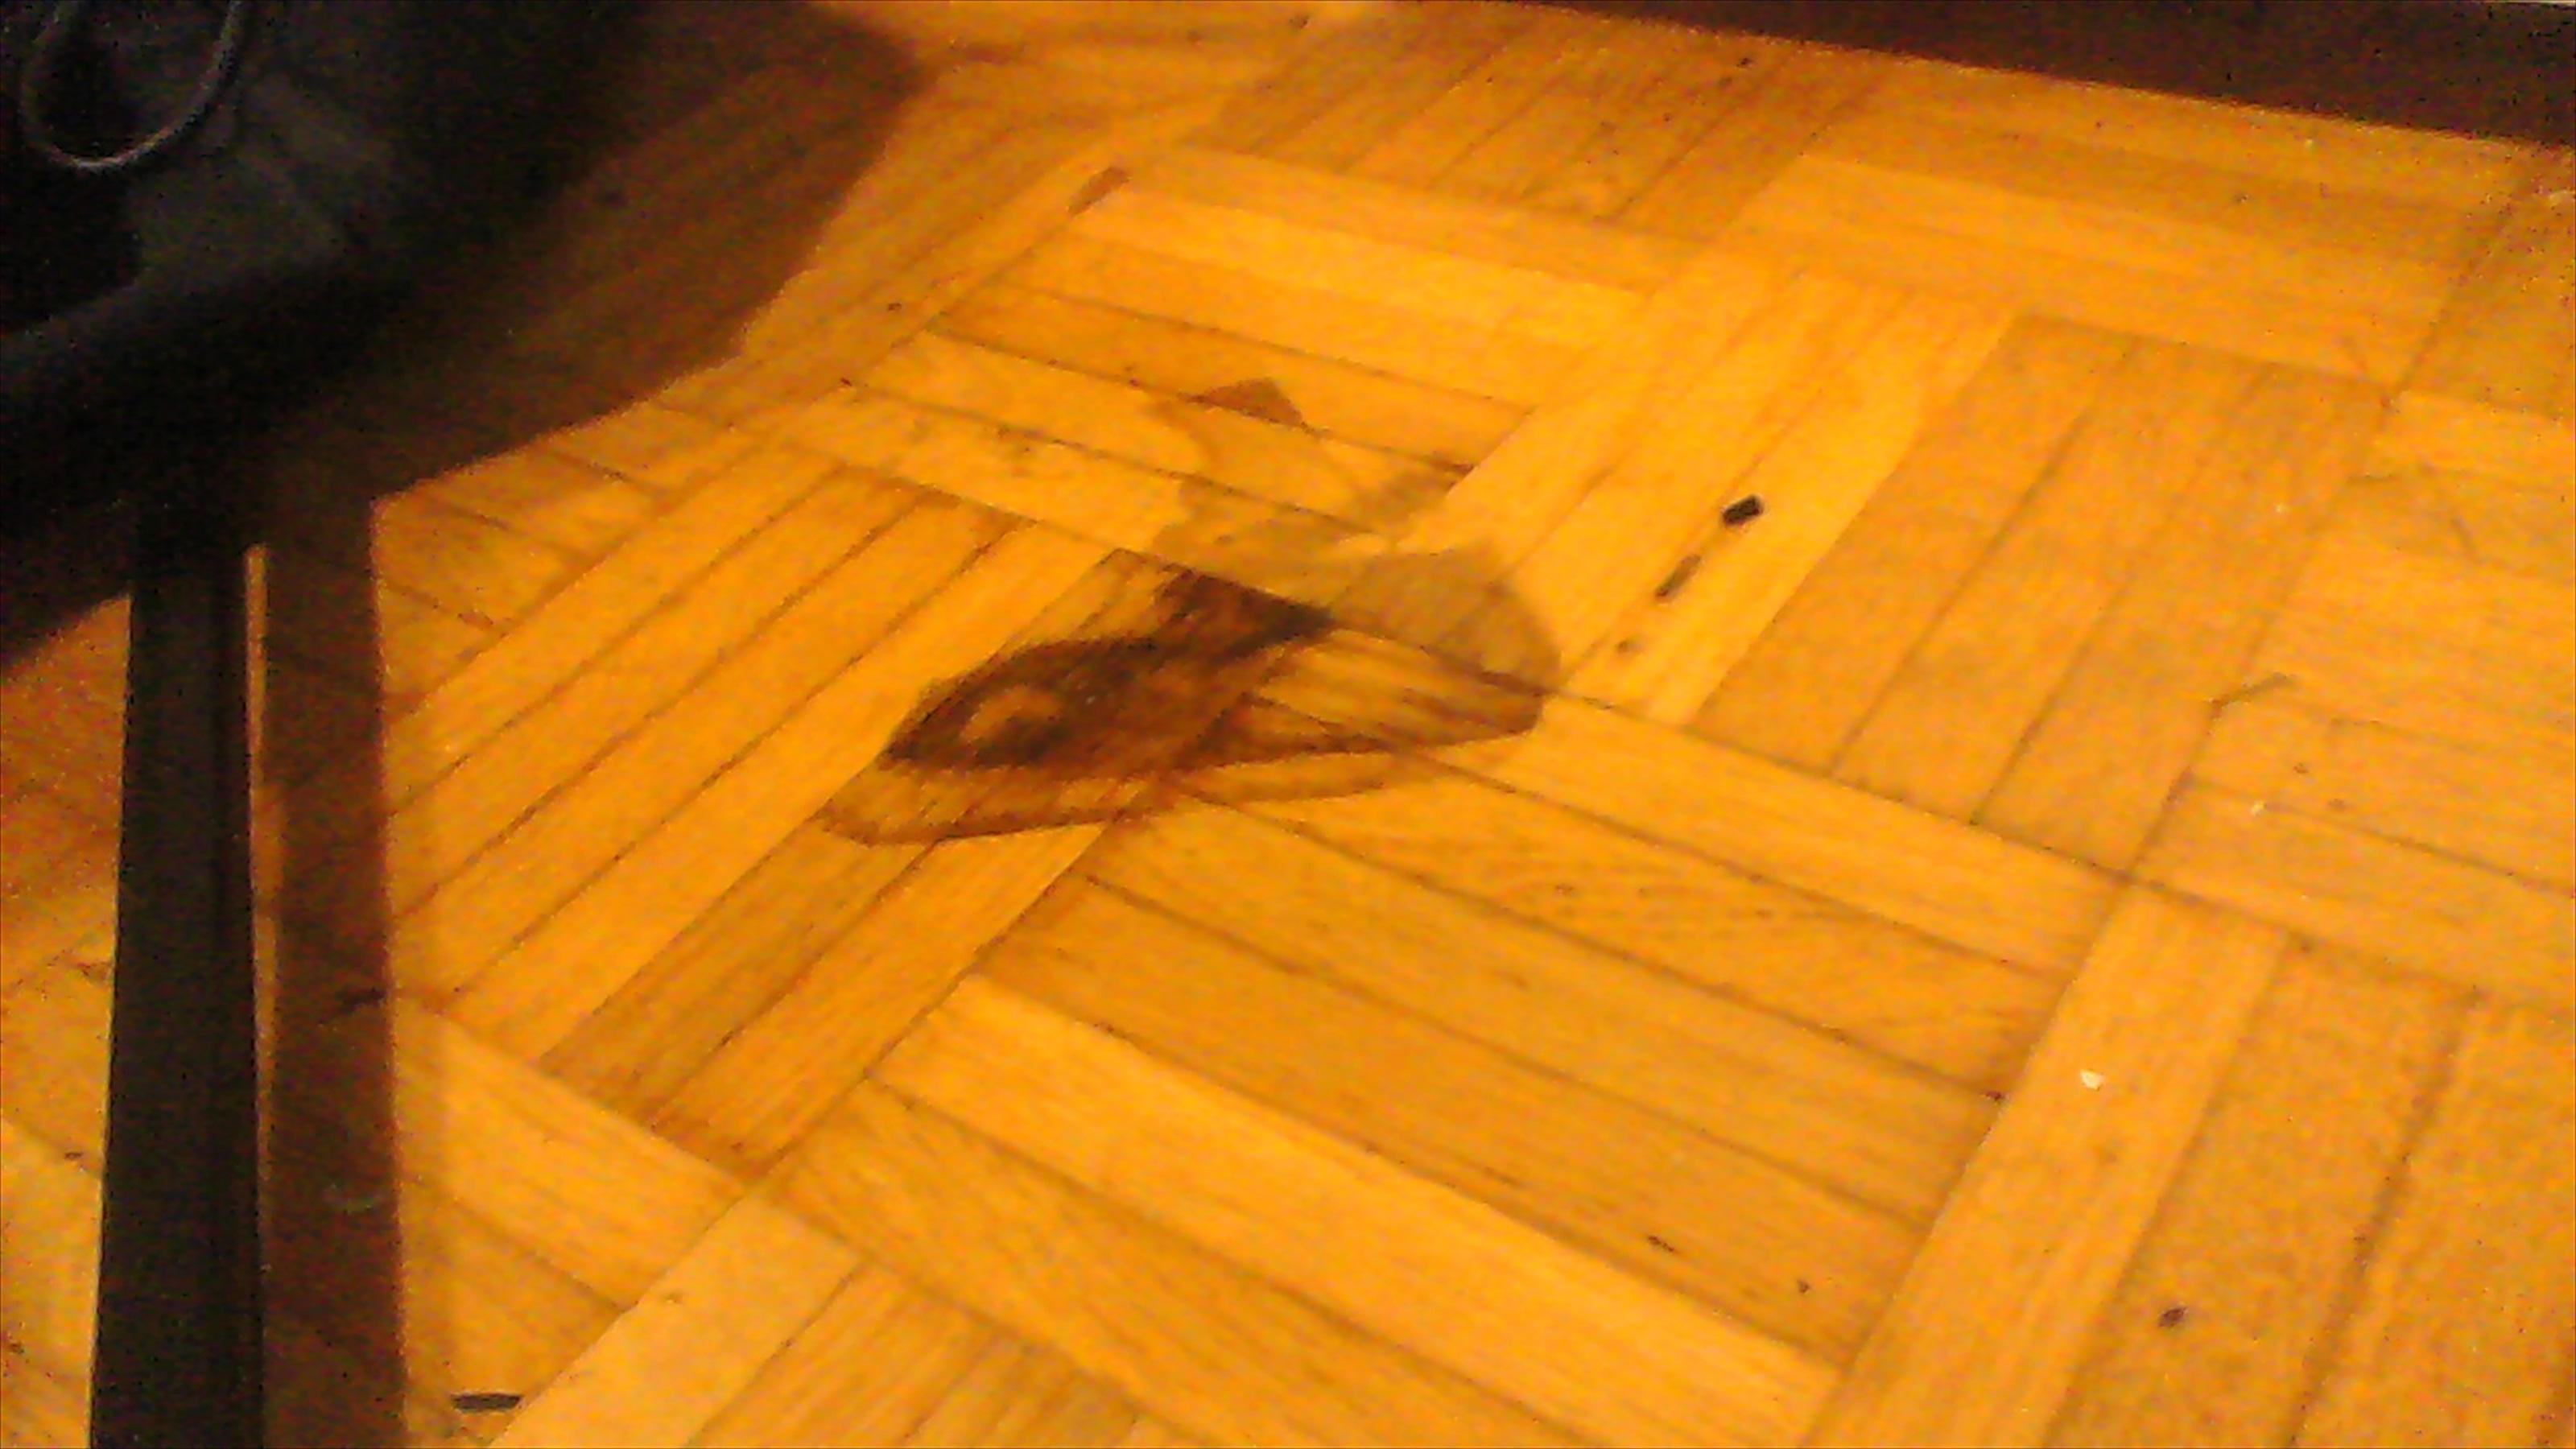 fleck von zerdr ckter und verschimmelter kartoffel auf boden was tun haushalt waschen flecken. Black Bedroom Furniture Sets. Home Design Ideas